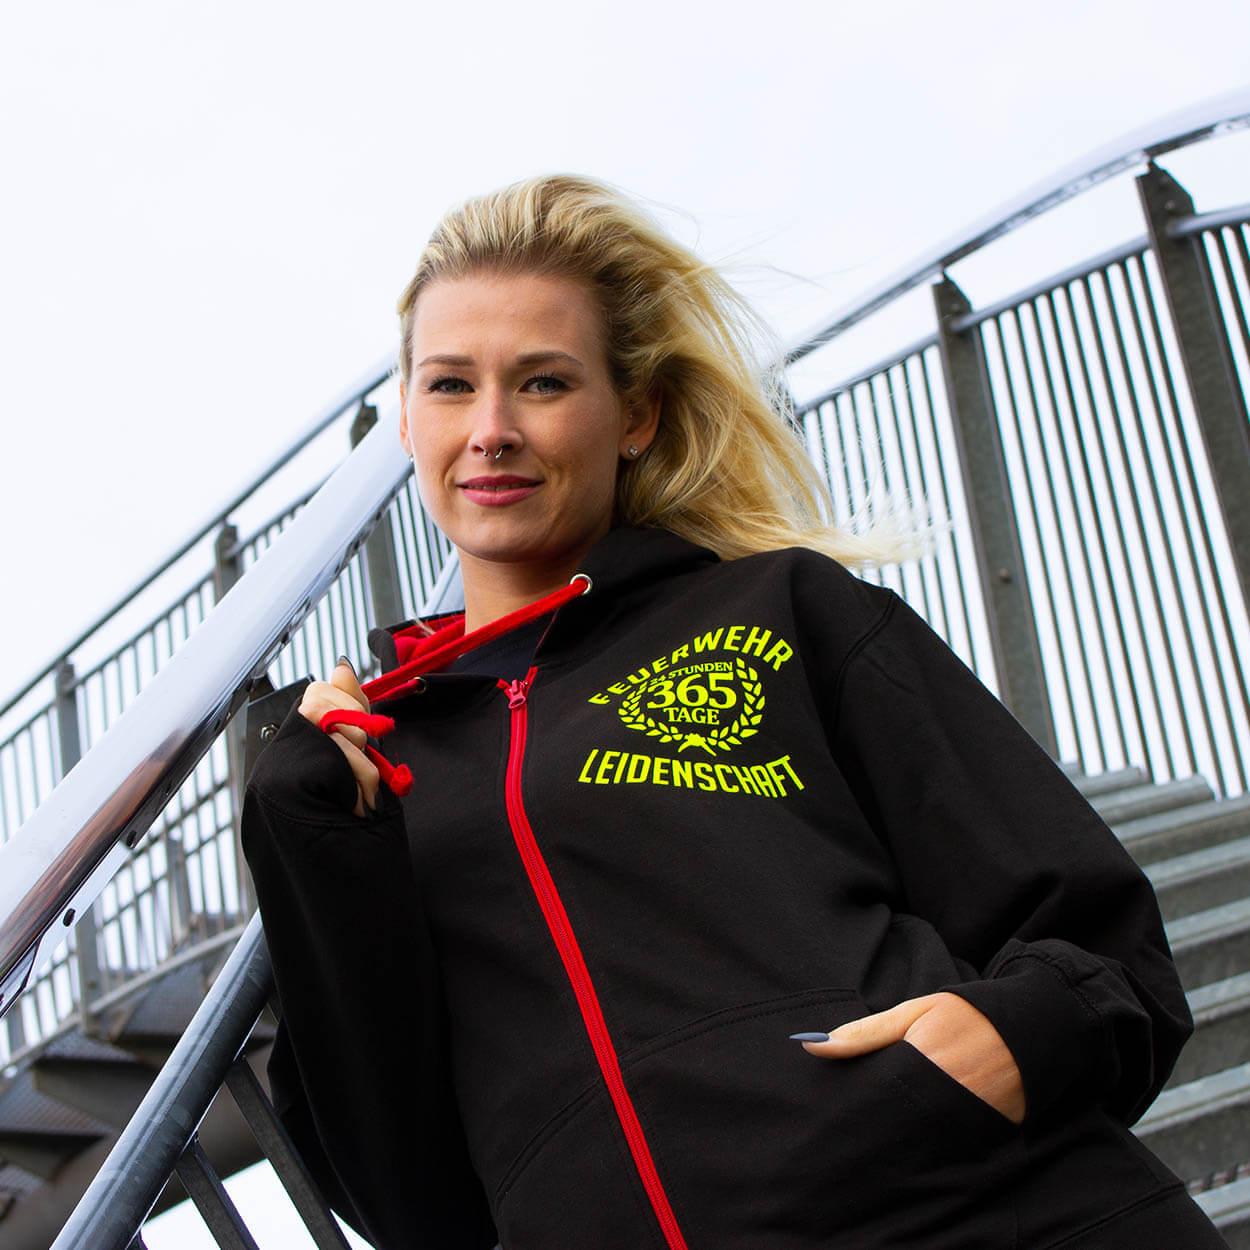 Leidenschaft Feuerwehr Frauen Kapuzenjacke Farbe schwarz